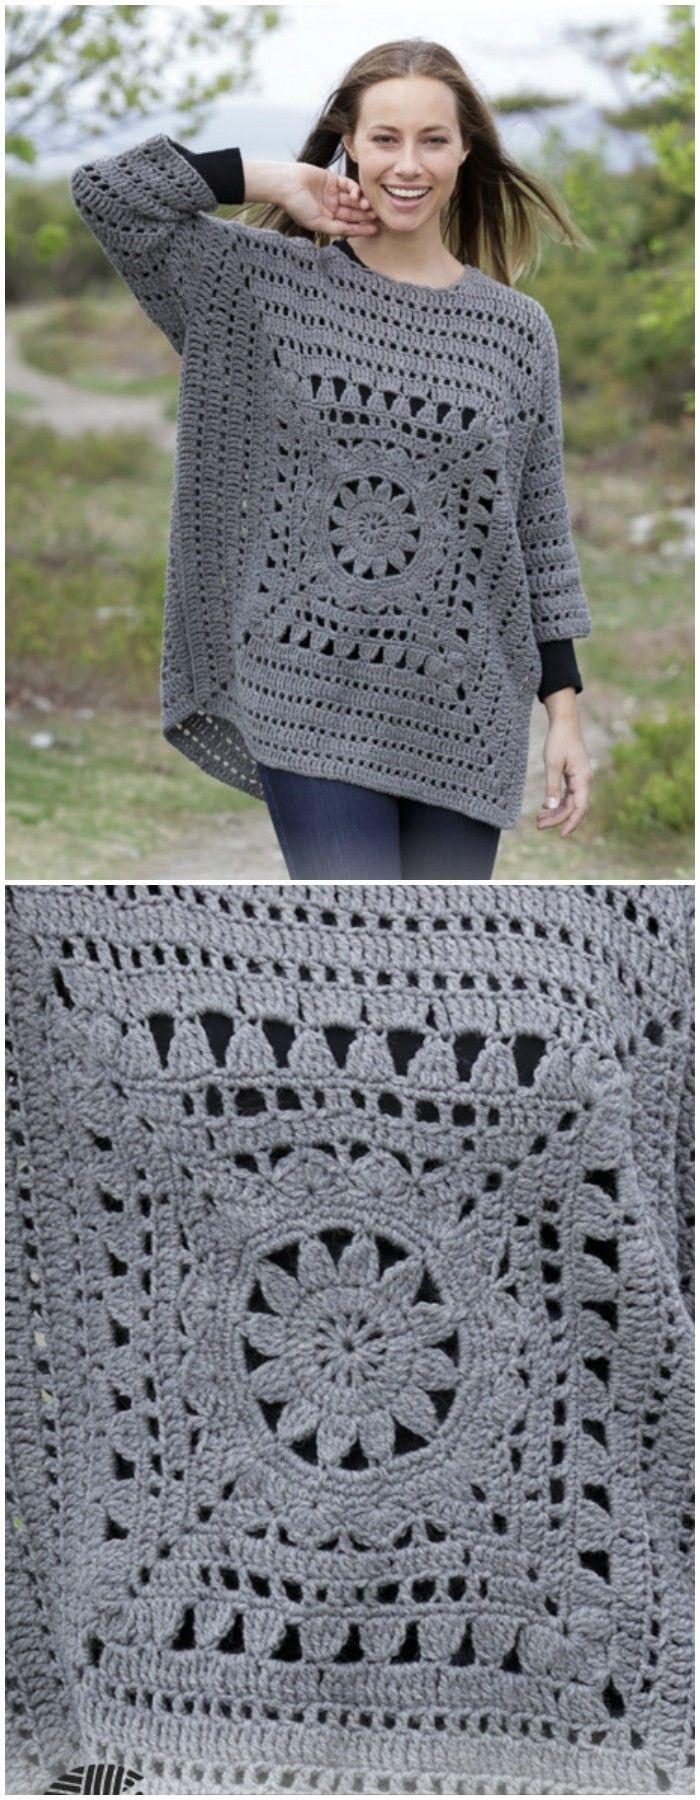 Free Crochet Sweater Patterns – Free Crochet Patterns #crochetedsweaters